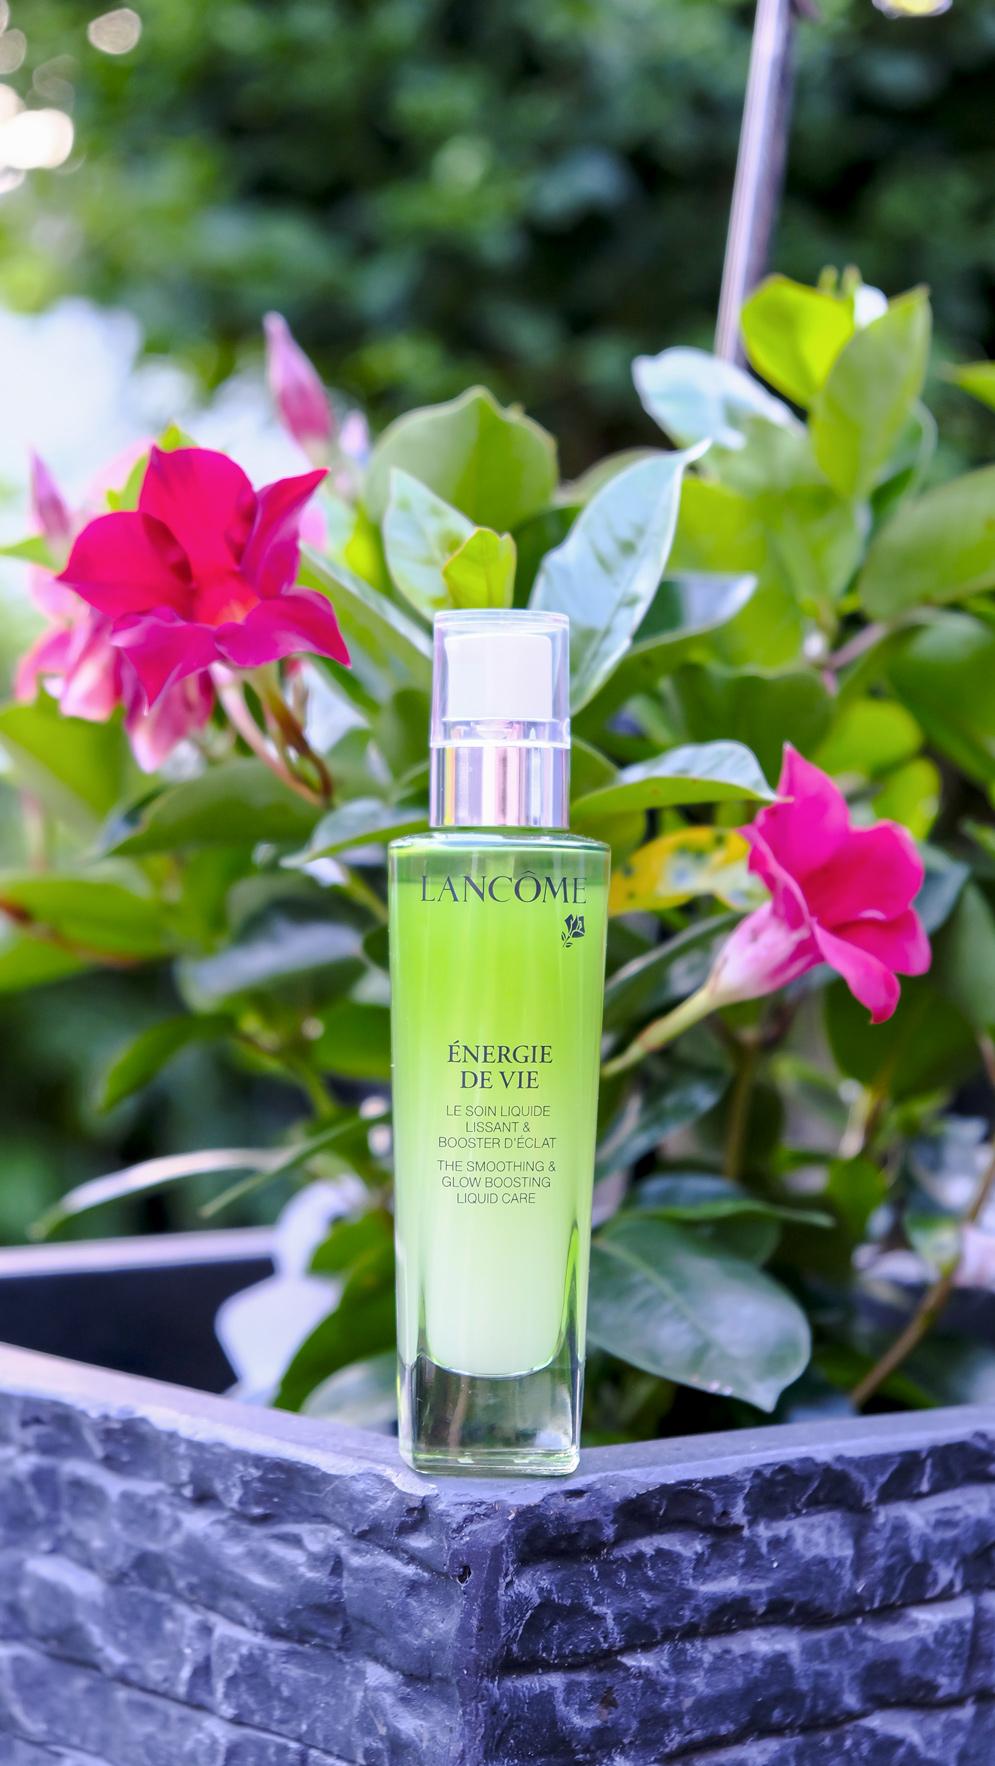 Freshness Power: Ein echter Frischekick bei sommerlichen Temperaturen oder generell müder, fahler Haut ist das Energie De Vie Pflegeserum von Lancome   Hot Port Life & Style   Lifestyle Blog aus Deutschland